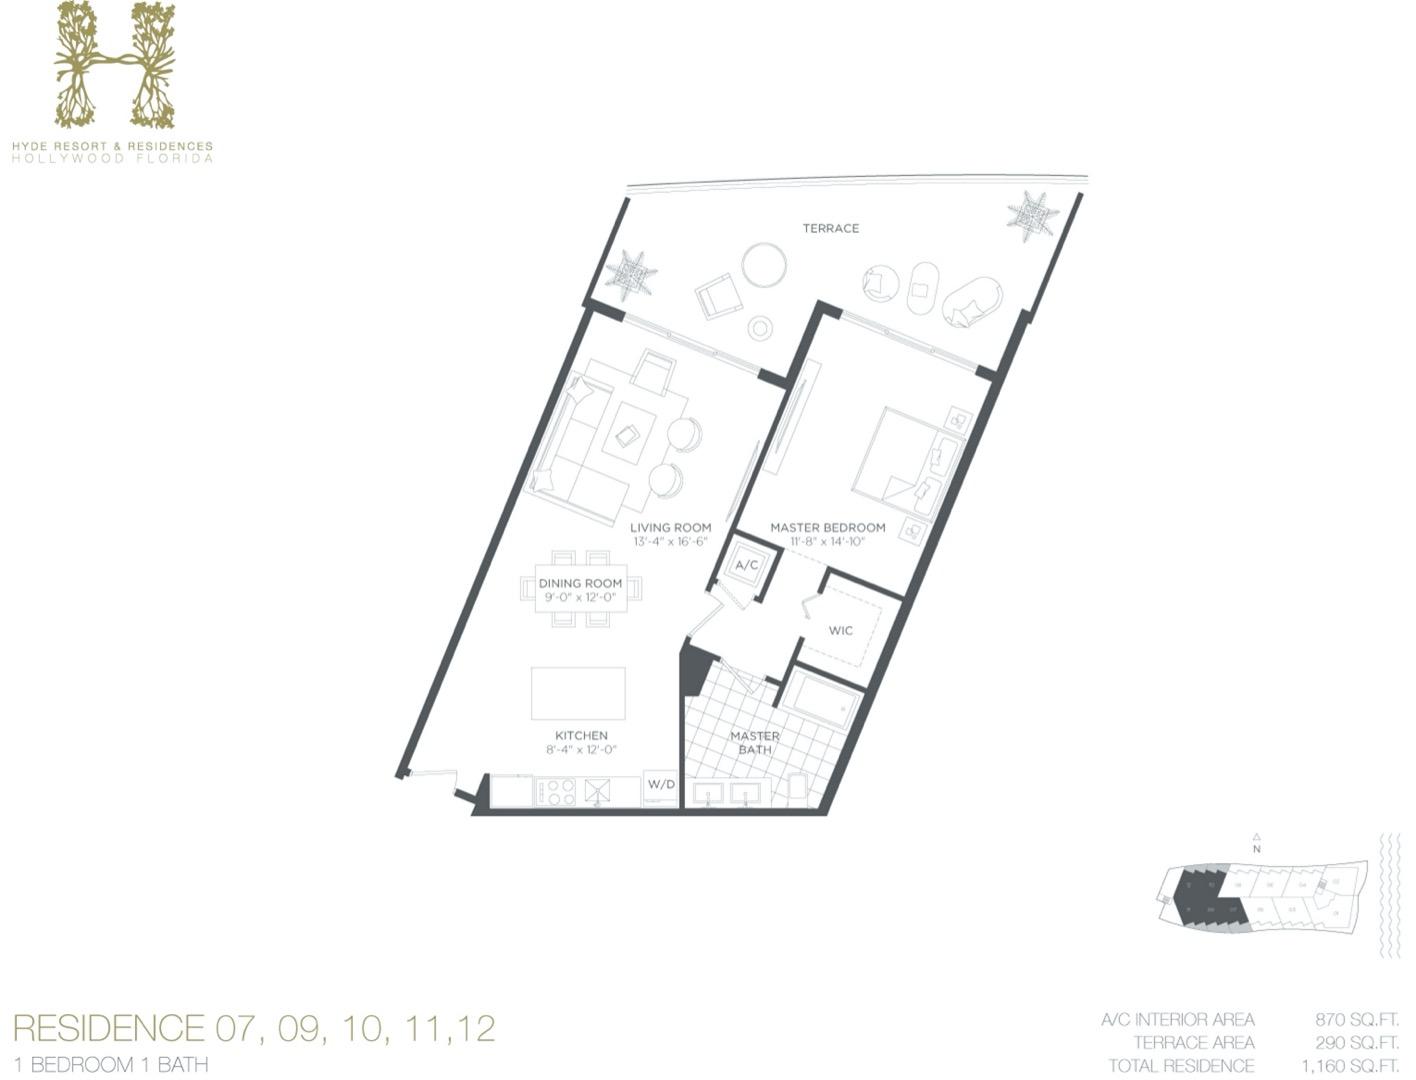 Floor plan image D - 1/1  - 870 sqft image